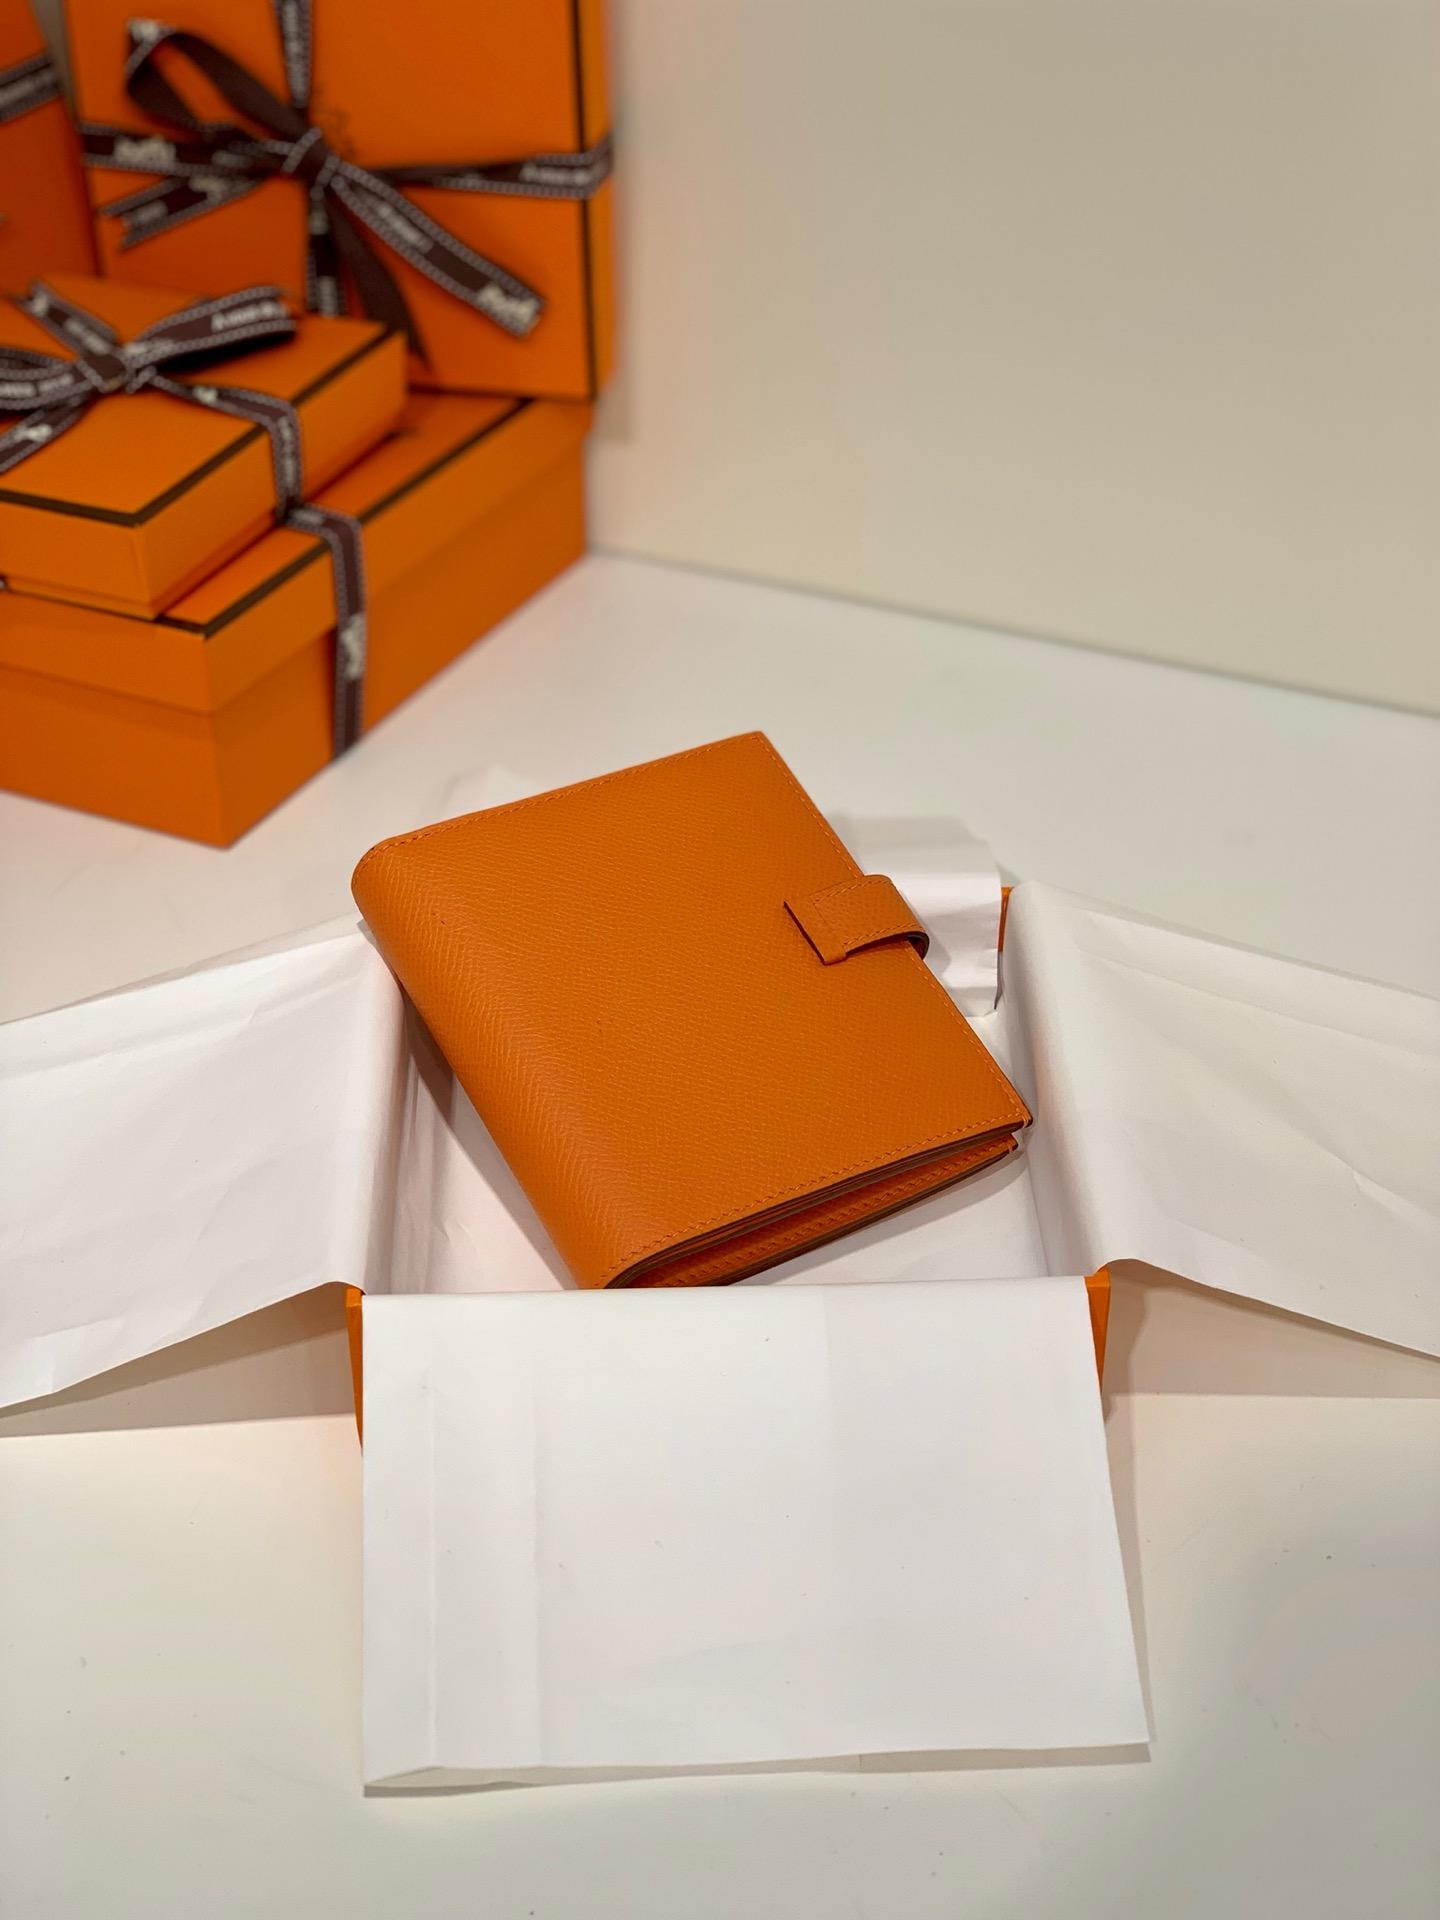 现货 Hermes Bearn钱包 爱马仕掌纹牛皮经典短款钱夹 橙色金扣